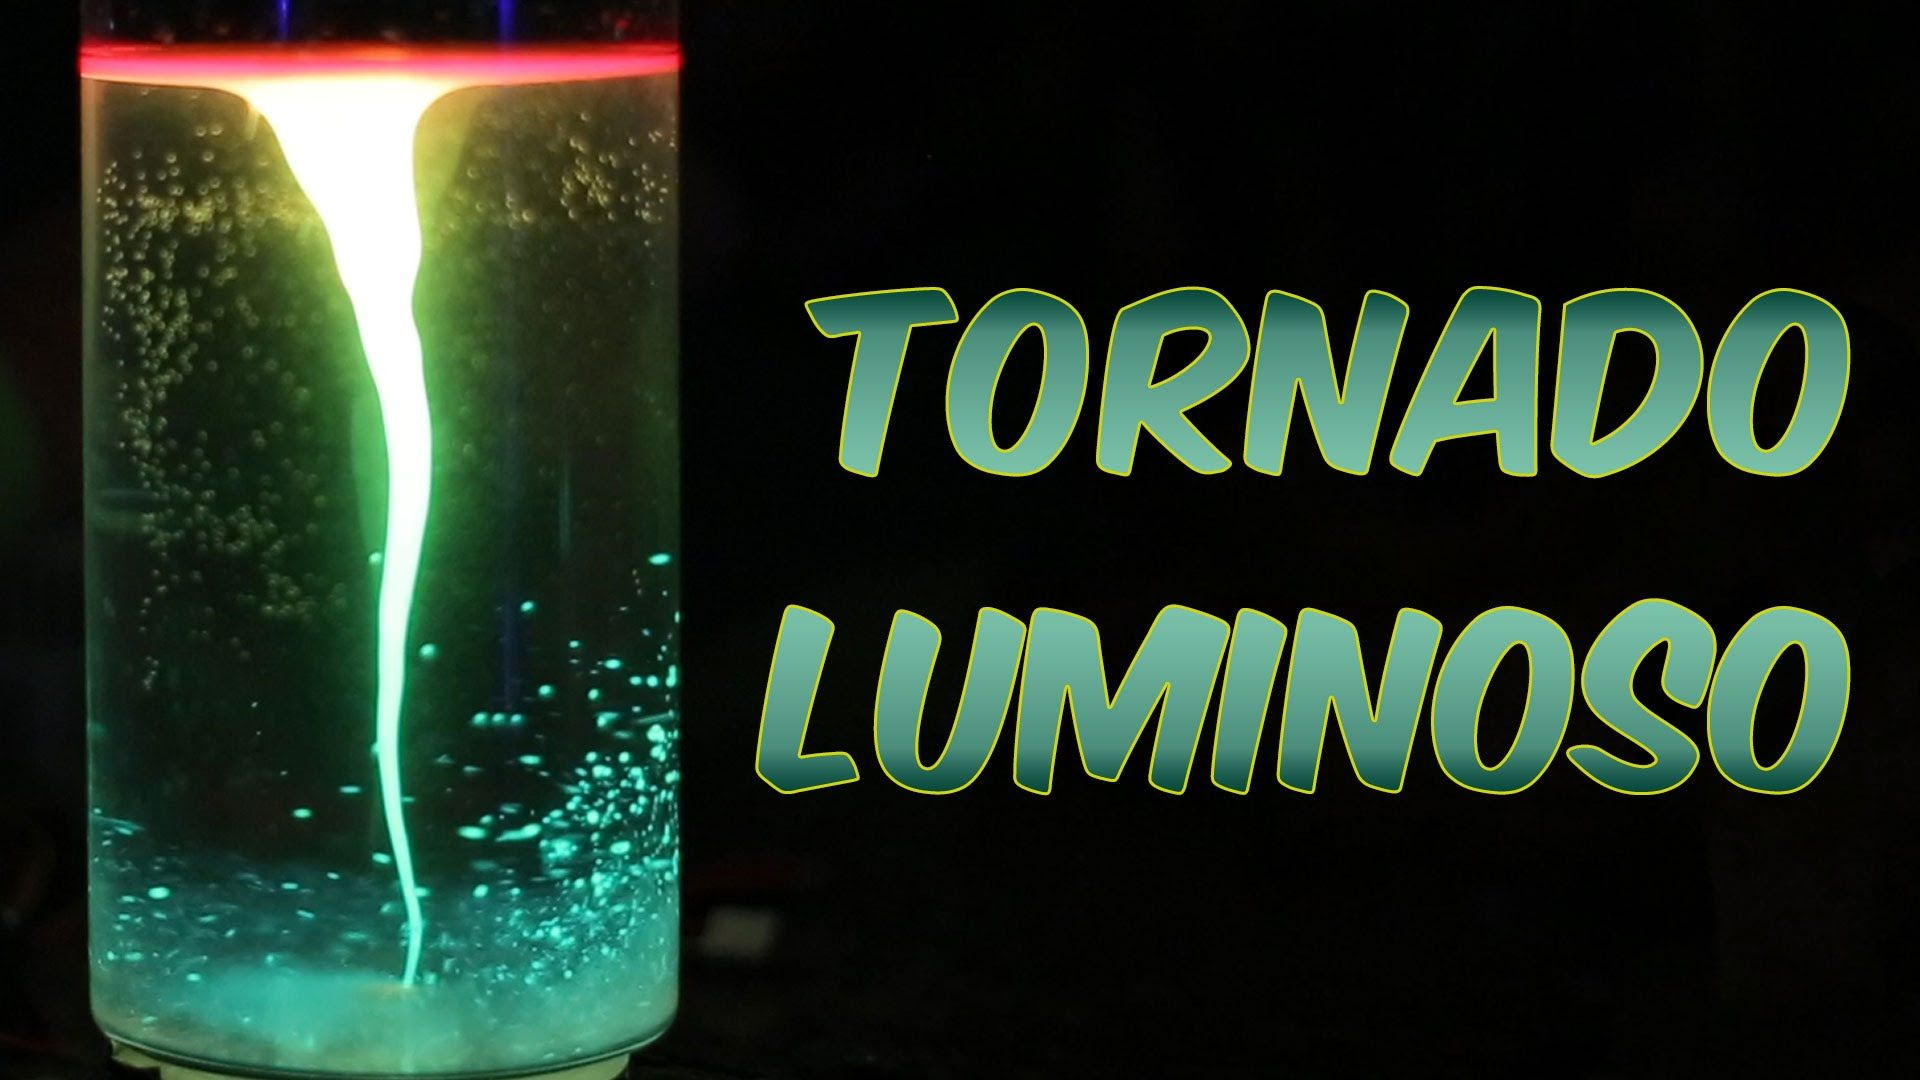 Como Fazer Um Tornado Luminoso Experiencia De Quimica E Fisica